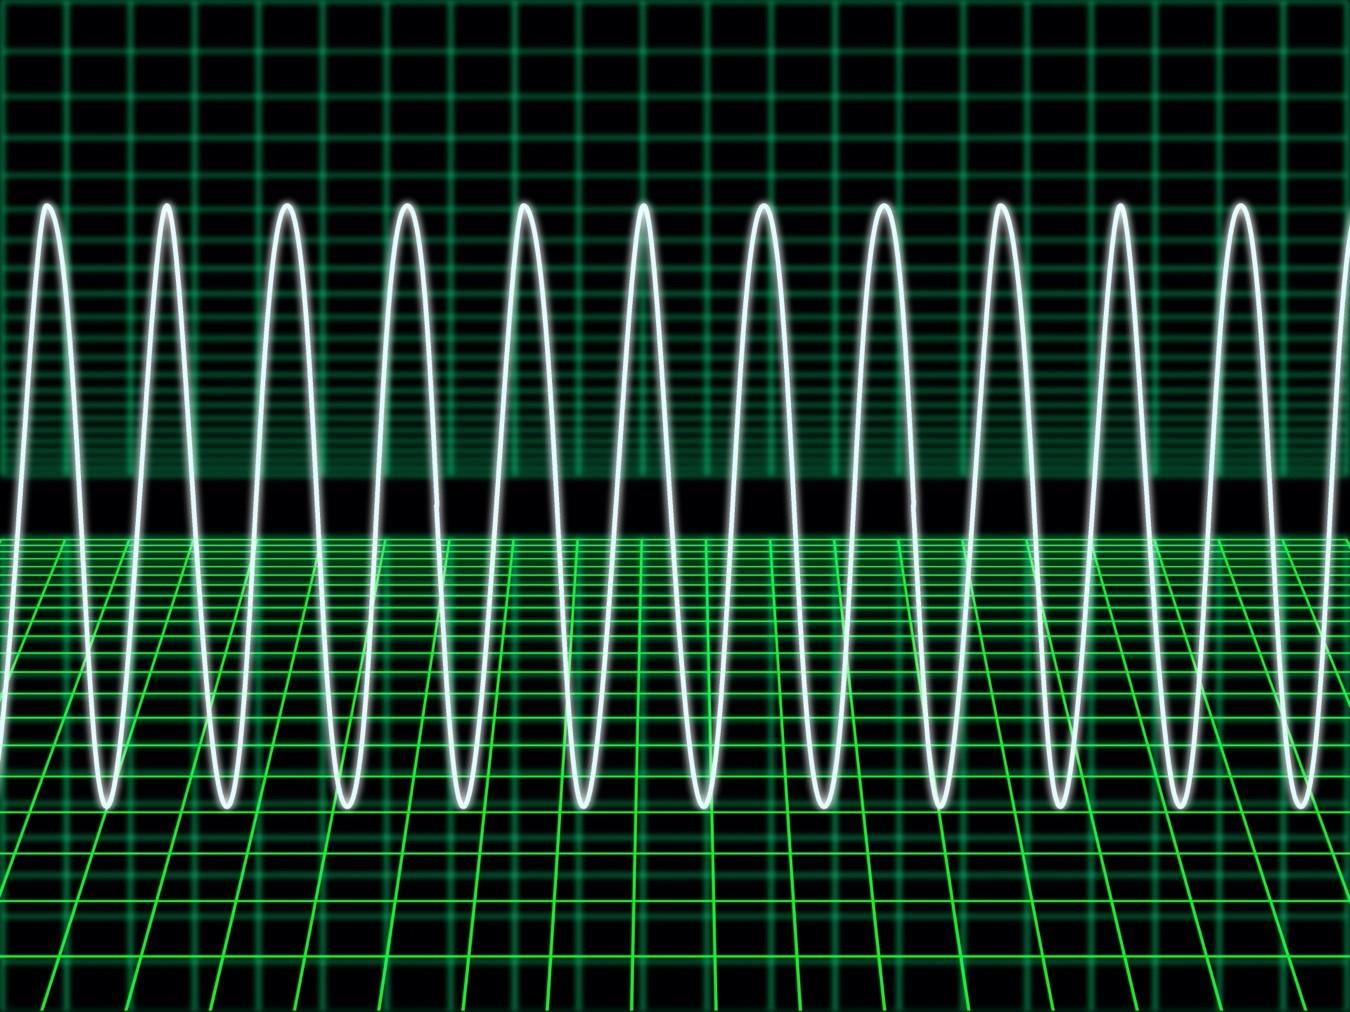 周波数で異なる電波の特性